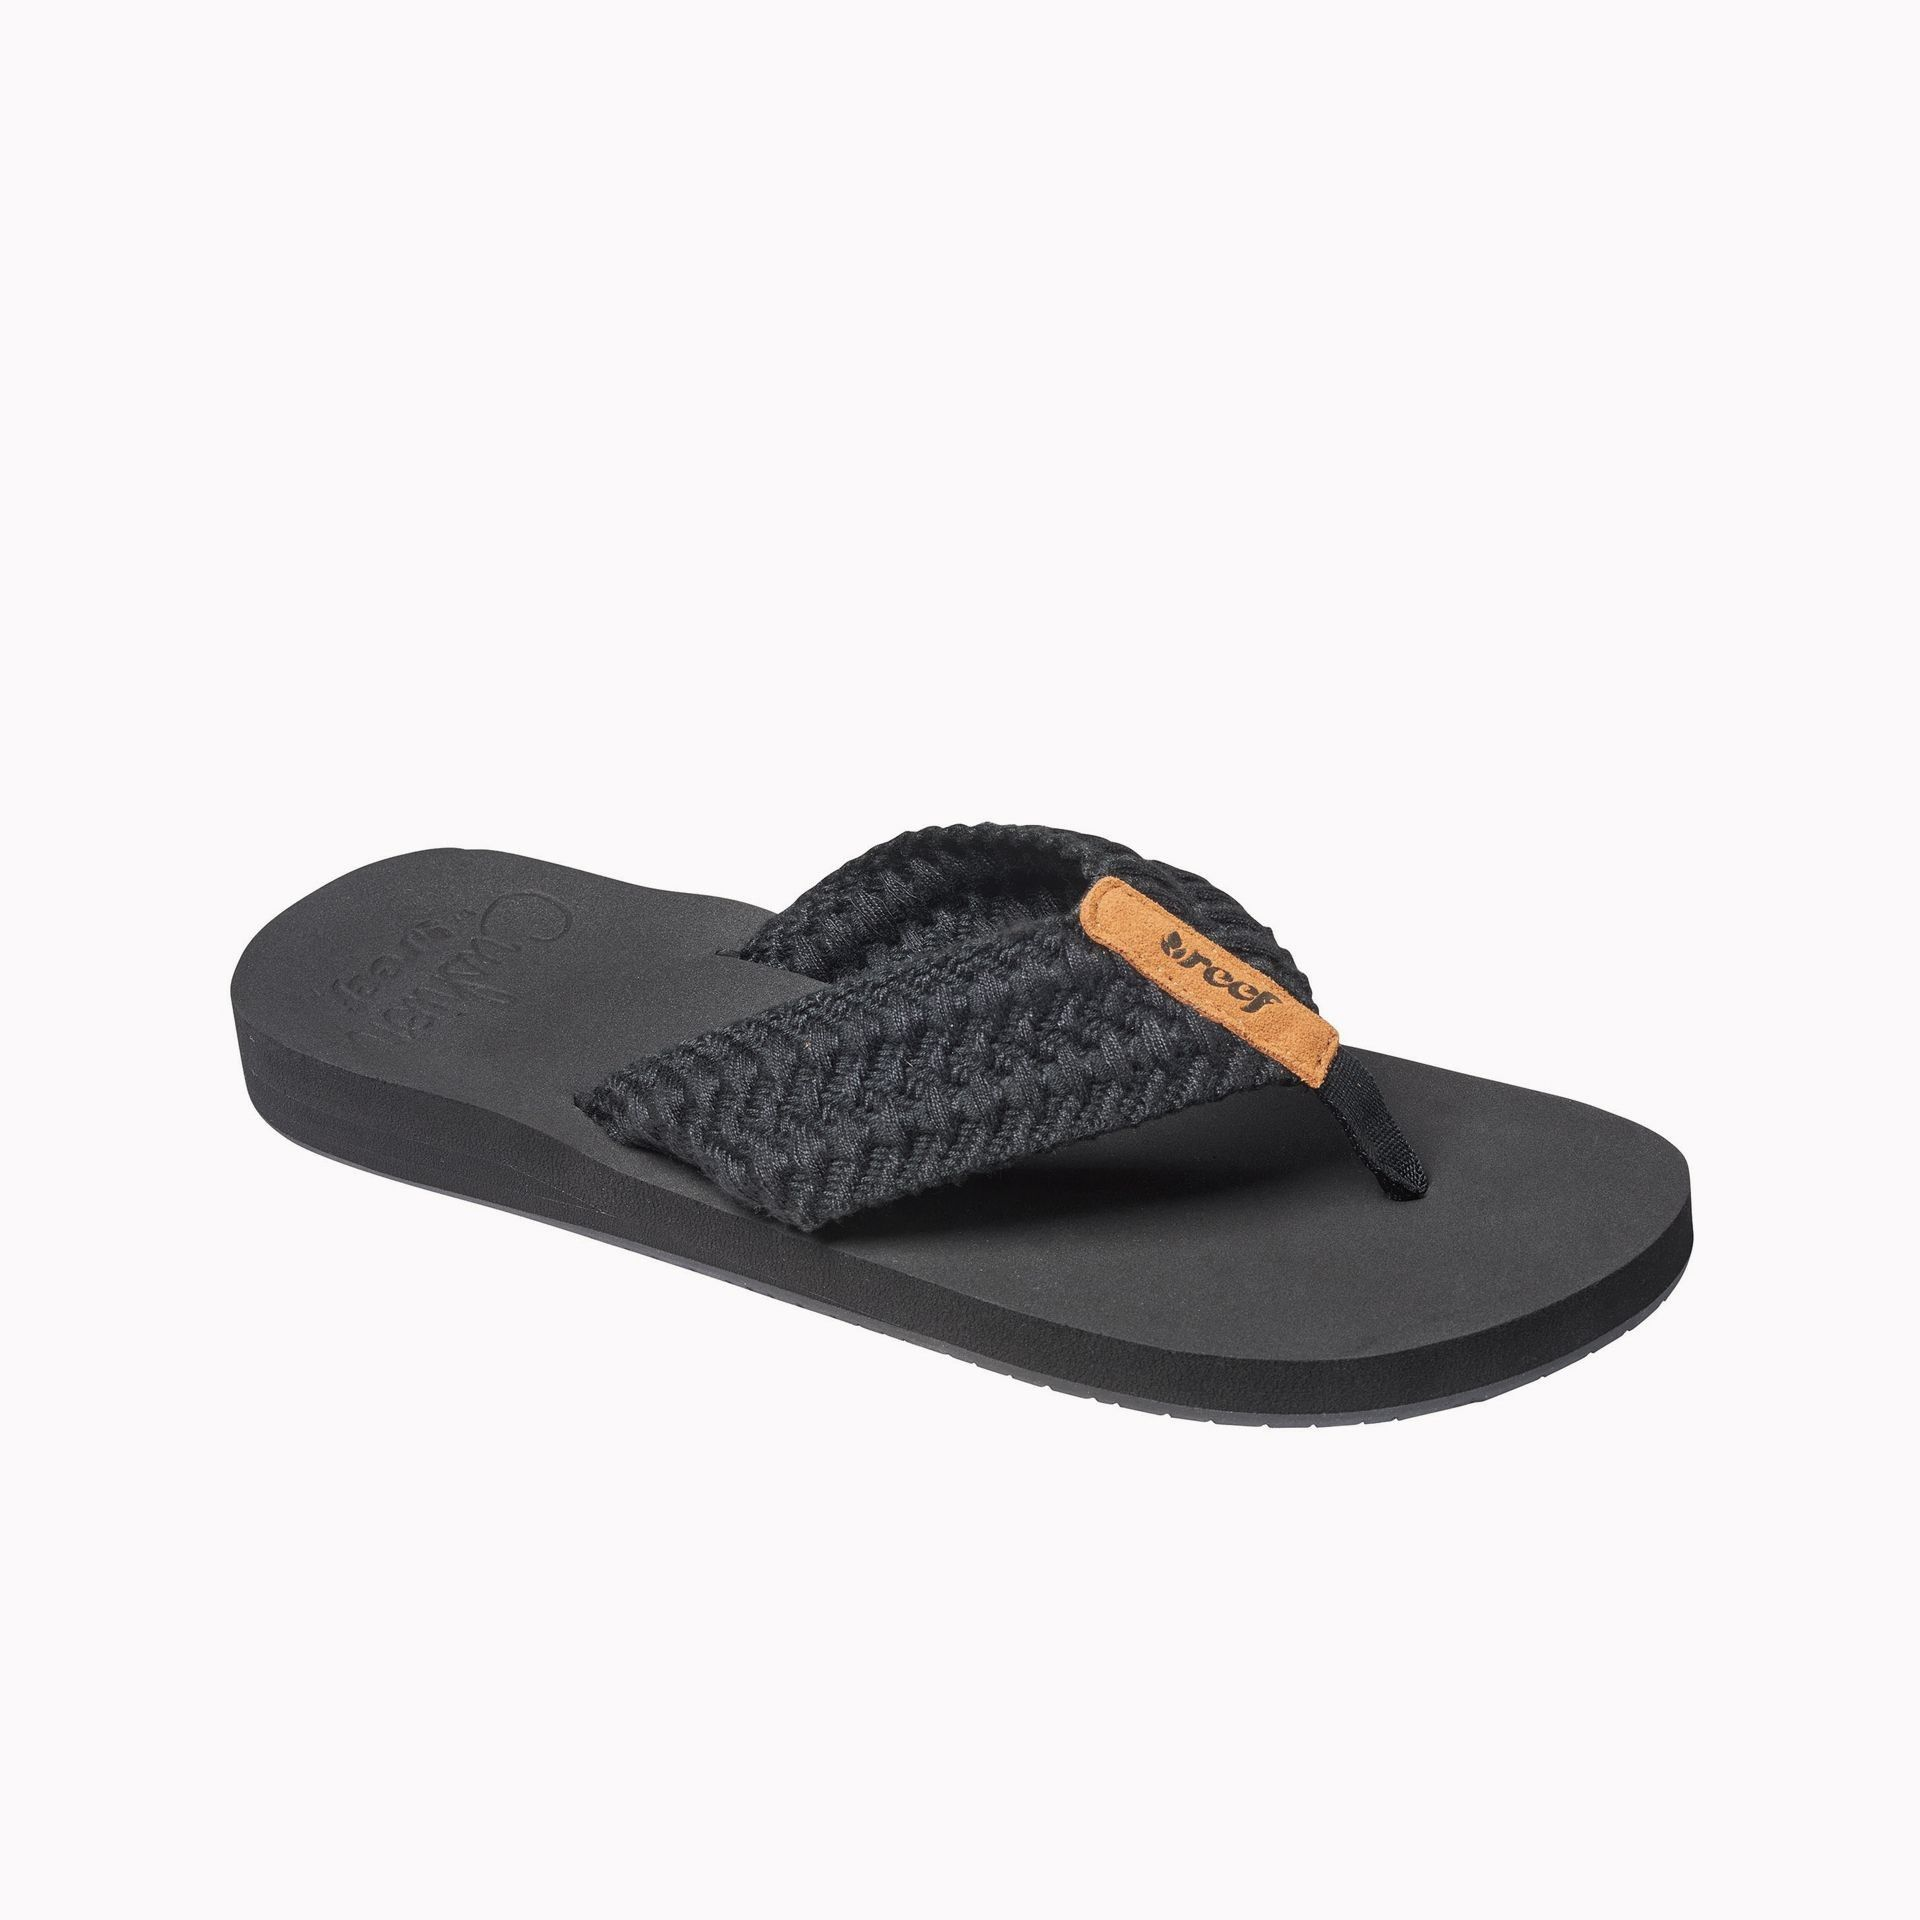 Reef dames slipper Cushion Thread